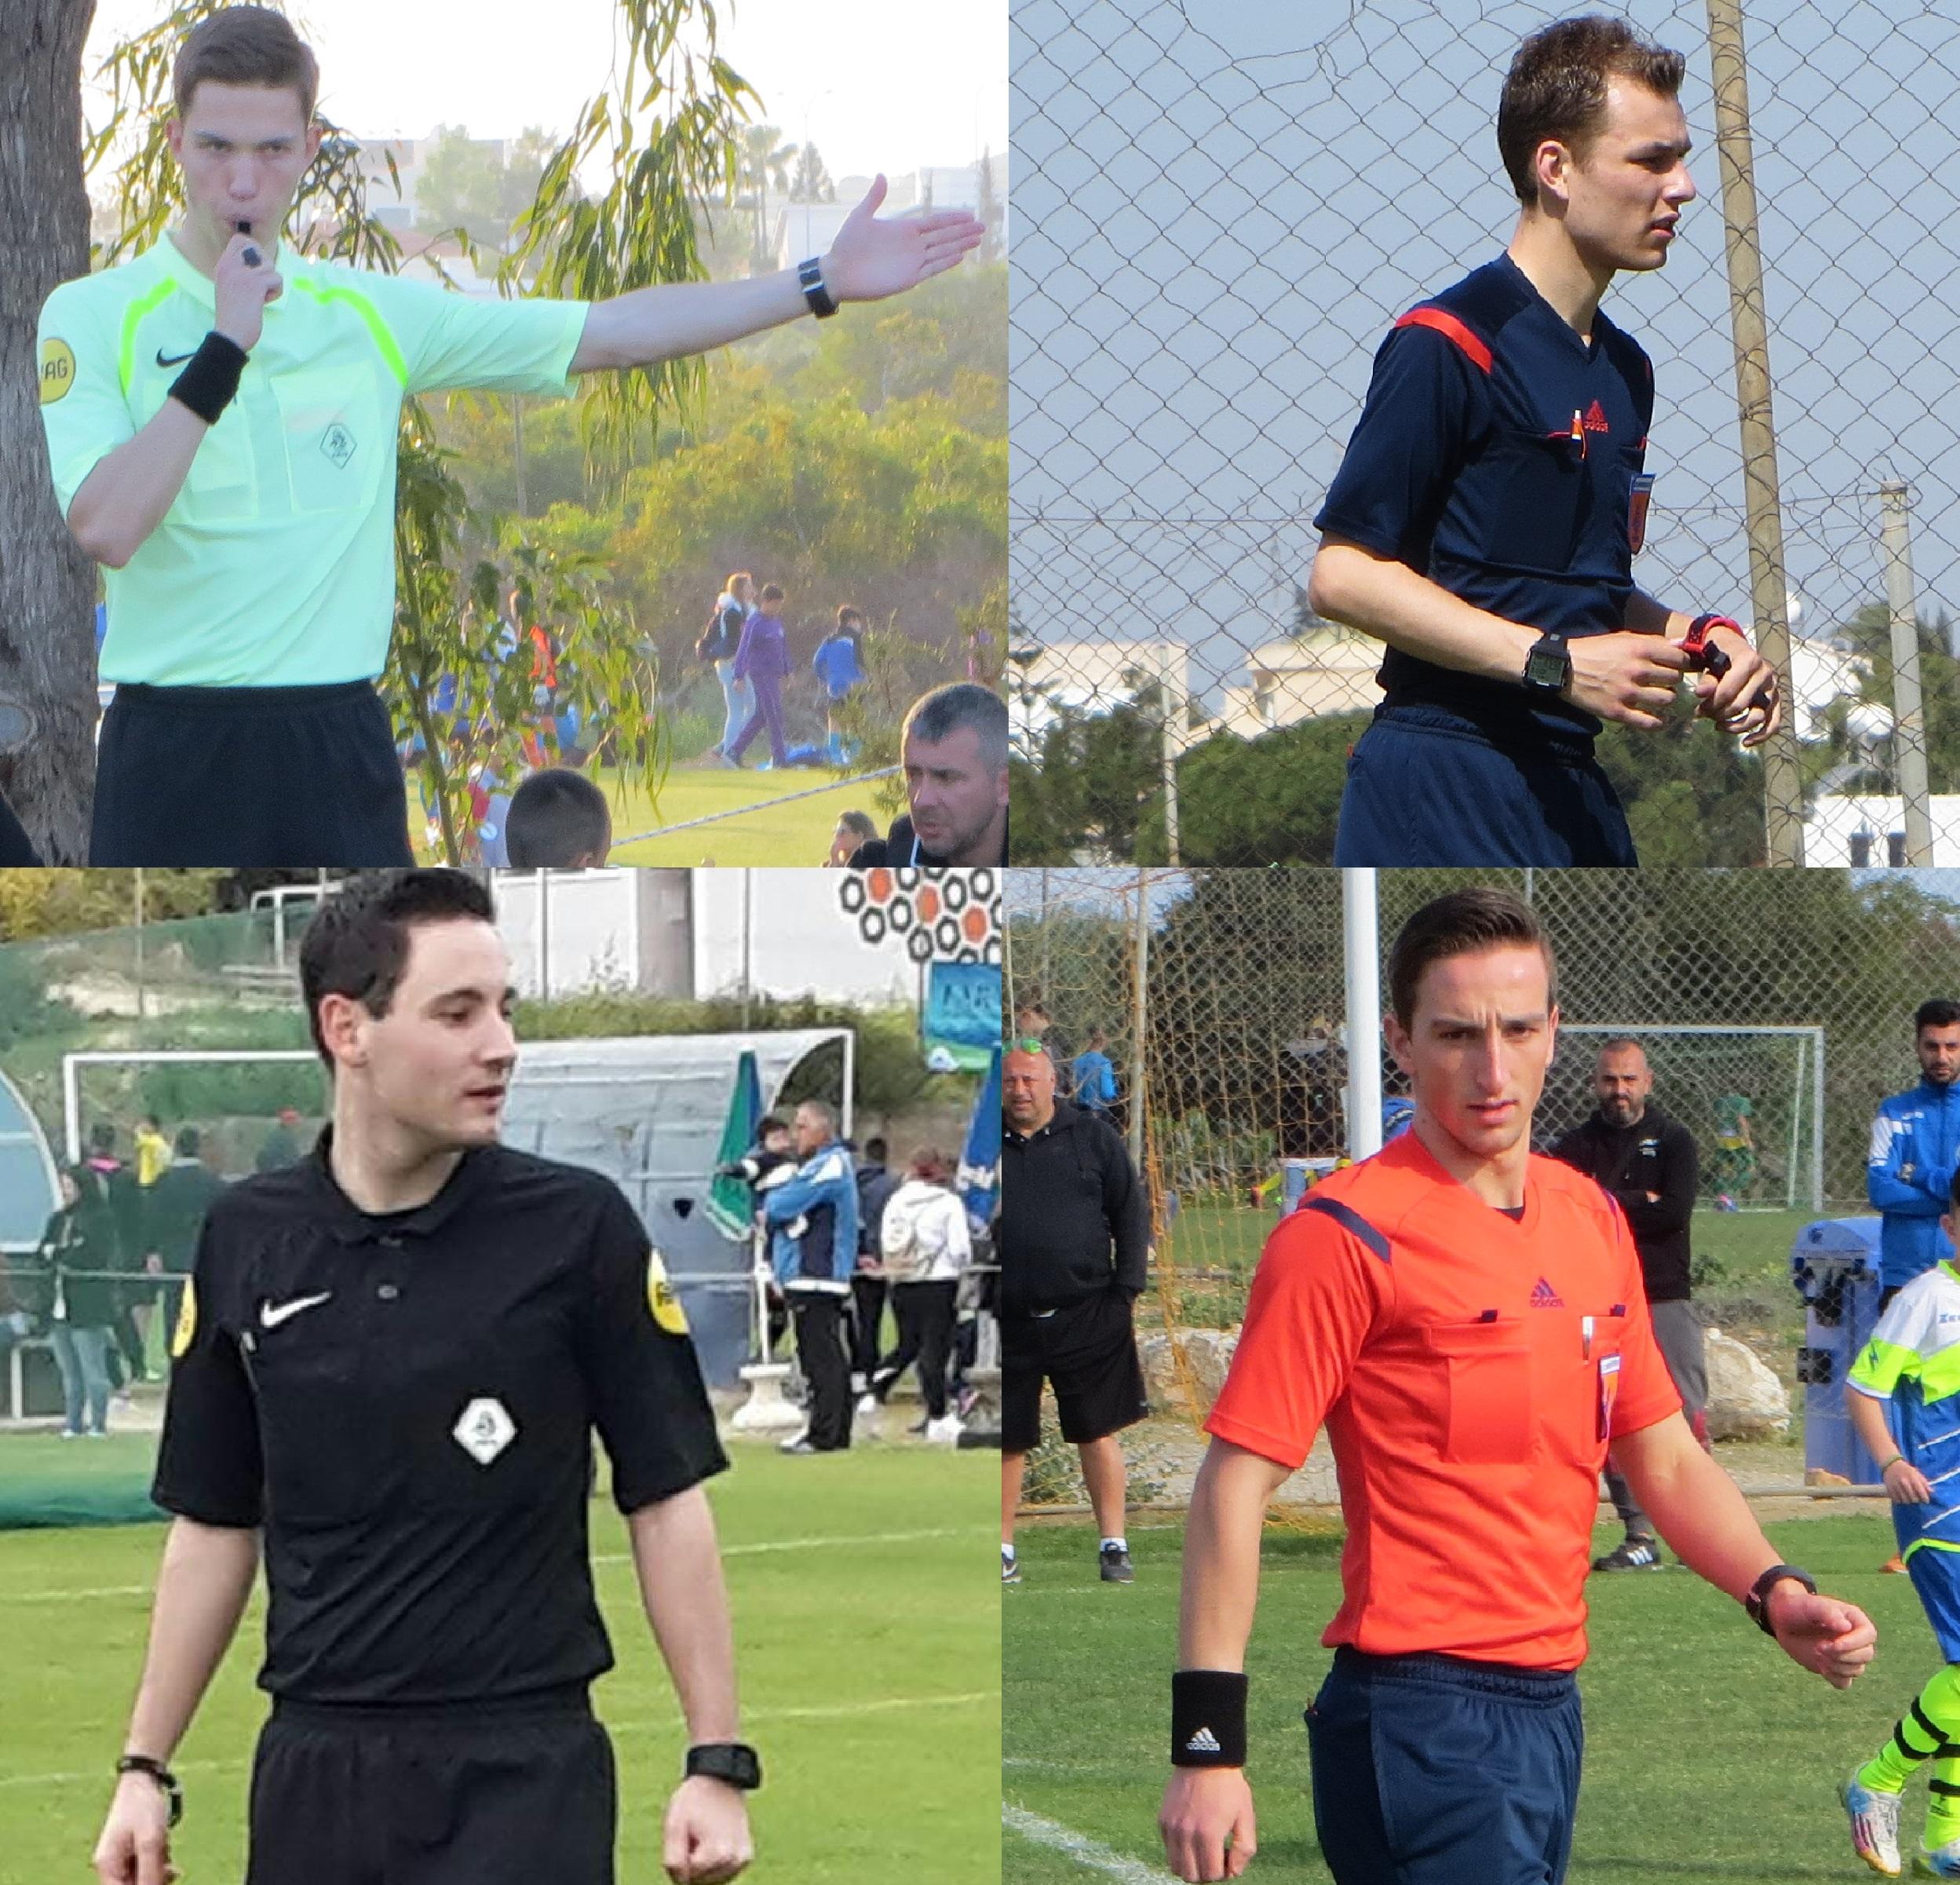 De Nederlandse scheidsrechters in actie tijdens het Ayia Napa Soccer Festival.